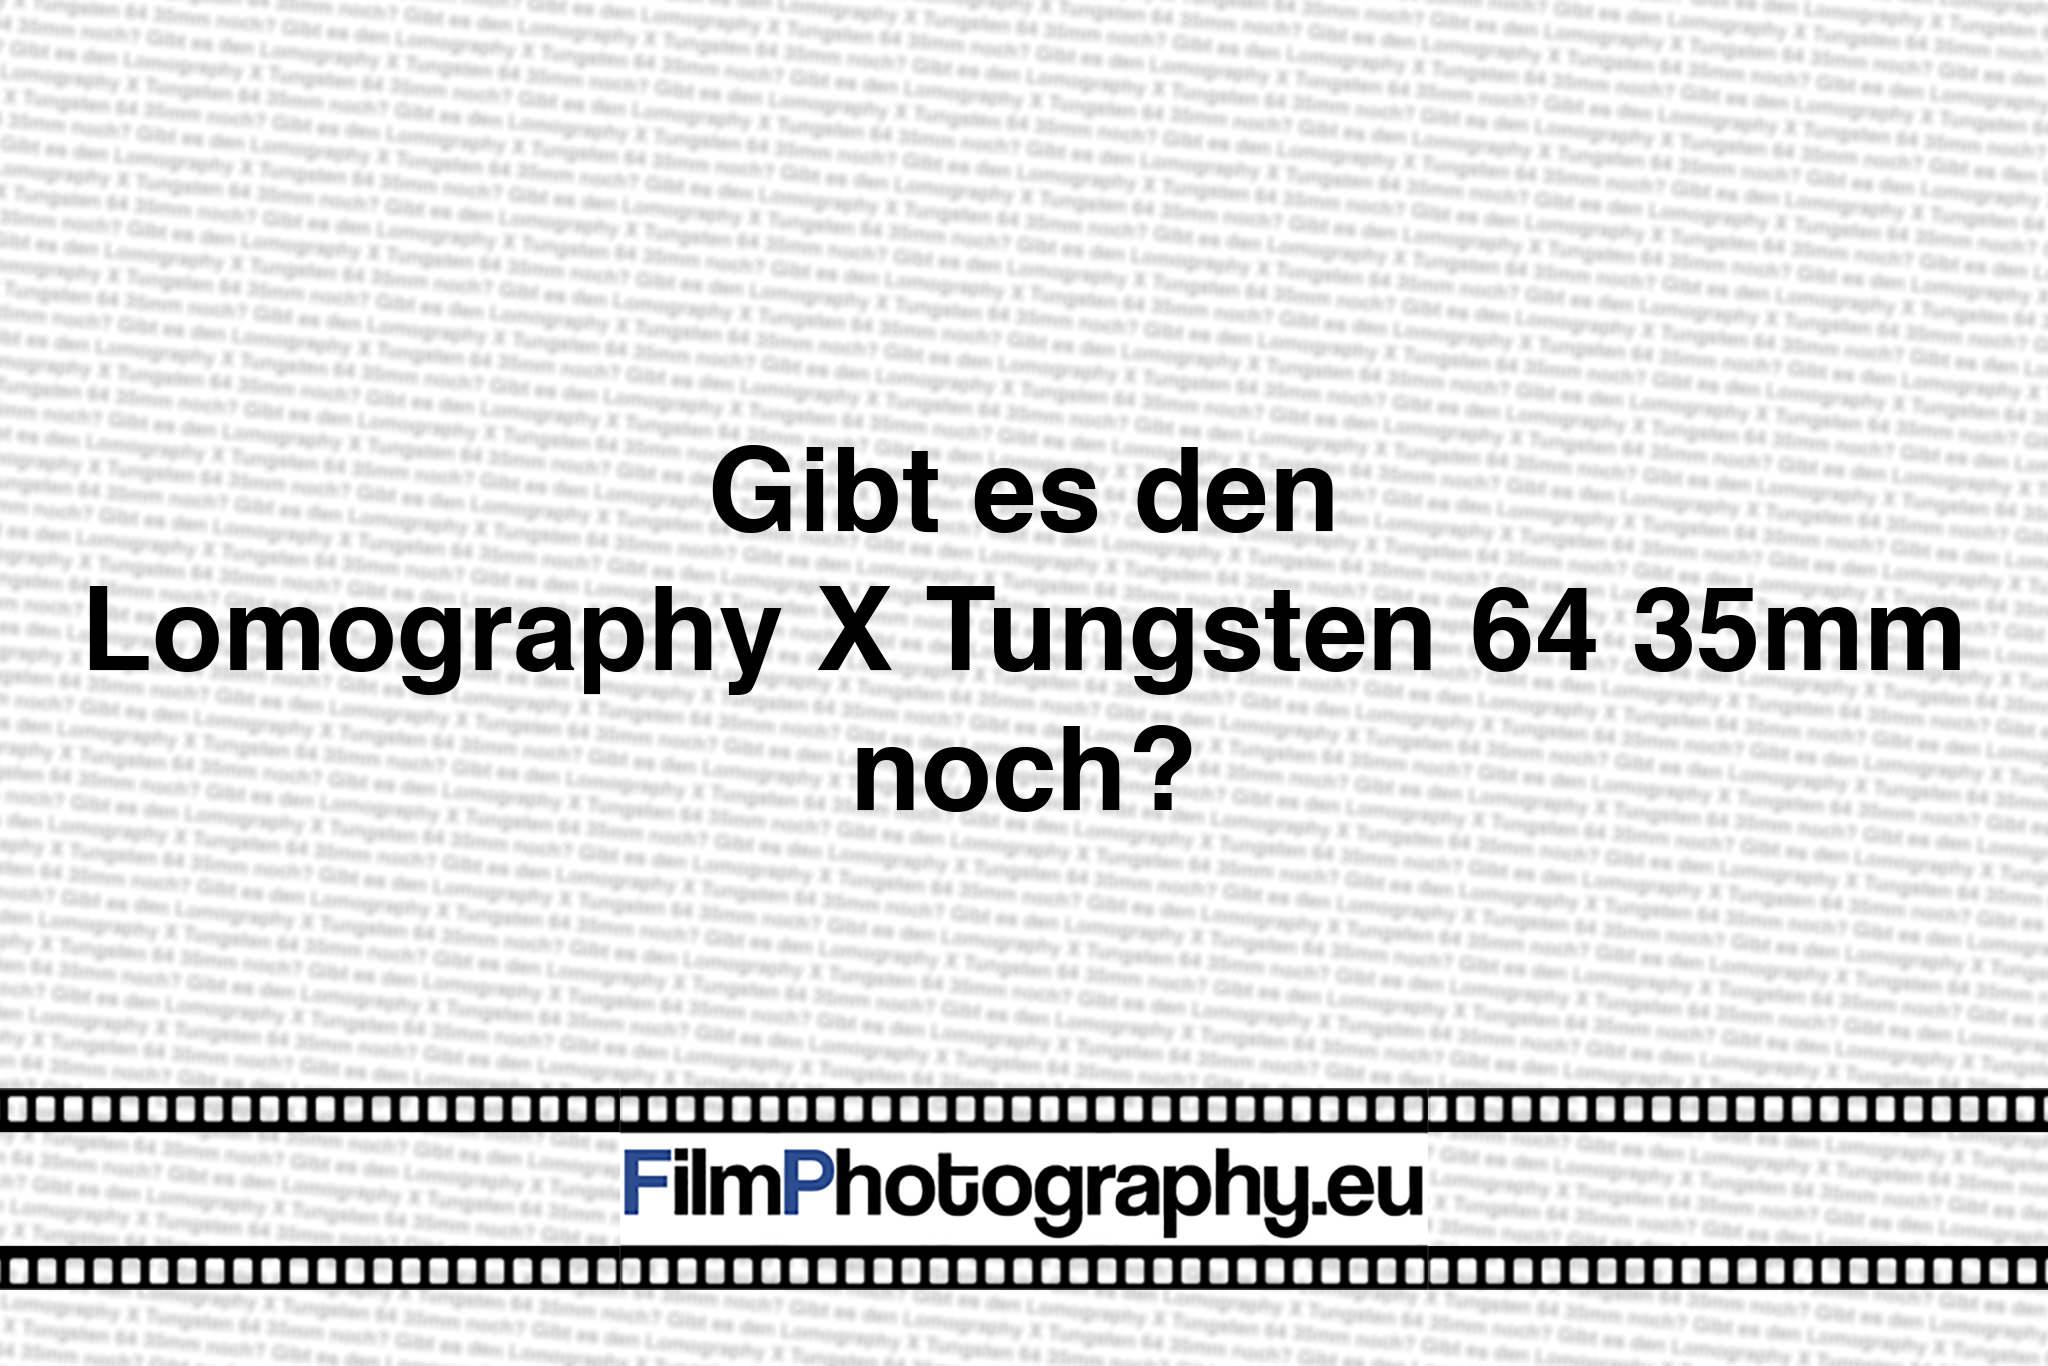 Gibt es den Lomography X Tungsten 64 35mm noch?